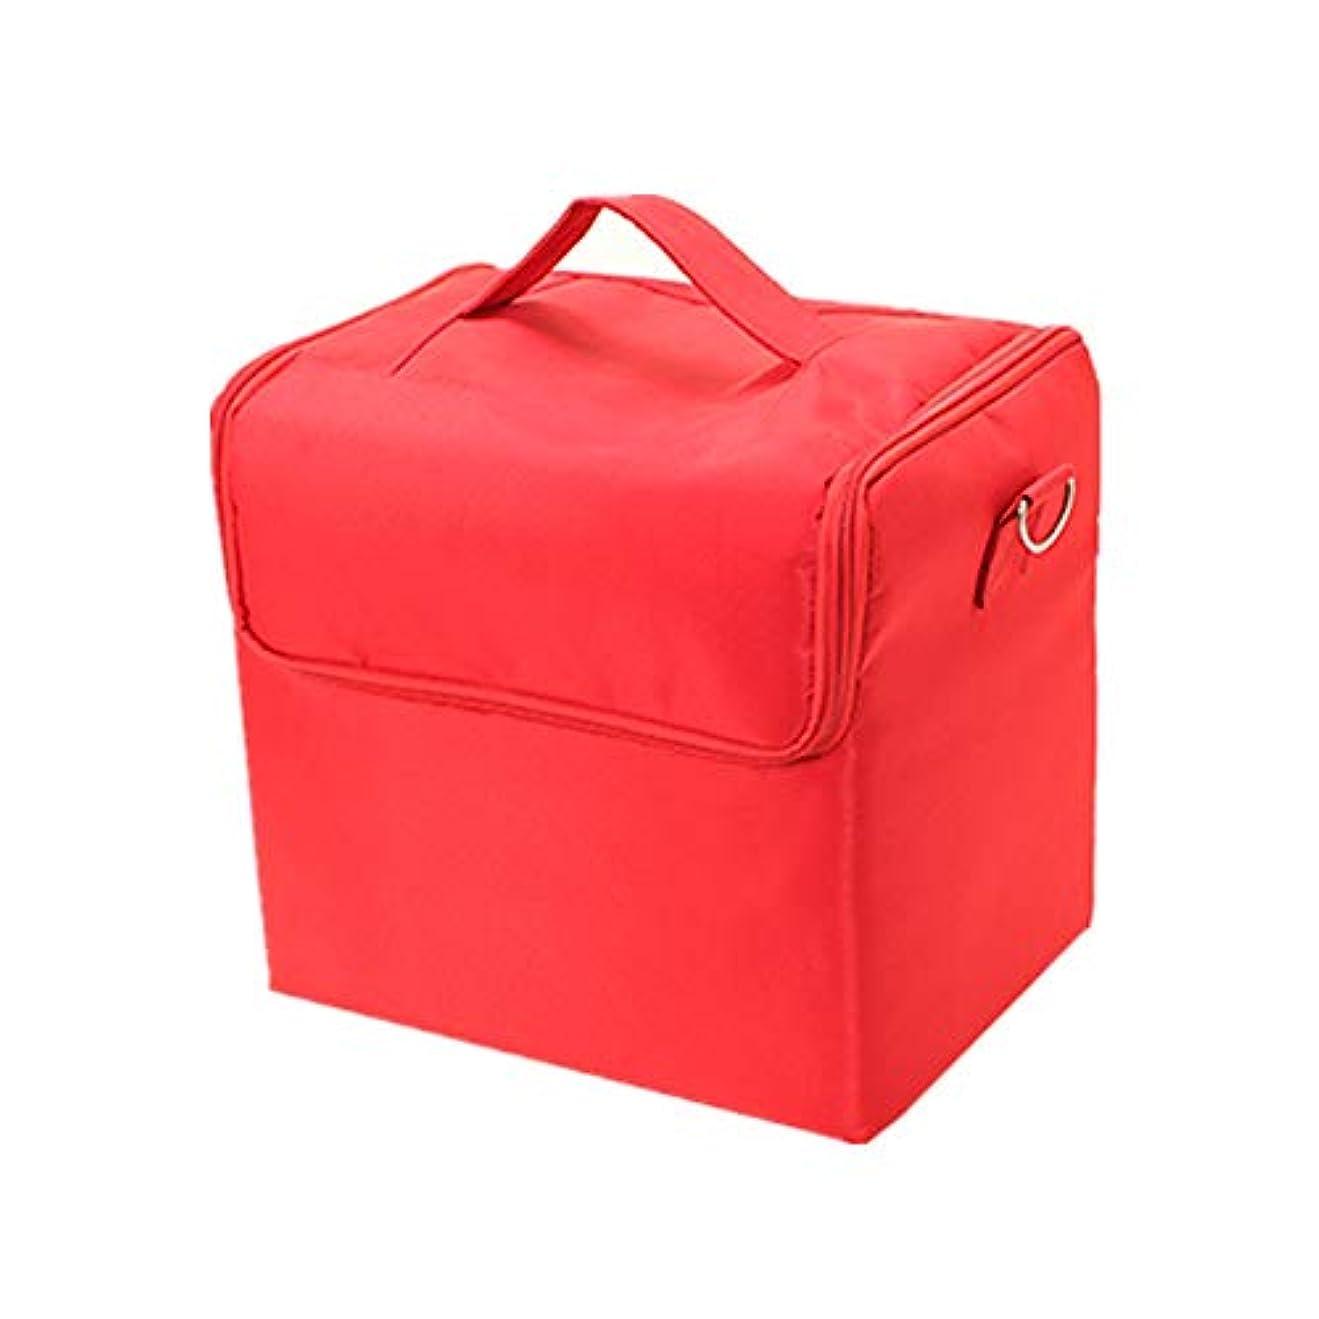 リマ触覚成人期化粧オーガナイザーバッグ 純粋な色のカジュアルポータ??ブル化粧品バッグ美容メイクアップとトラベルで旅行 化粧品ケース